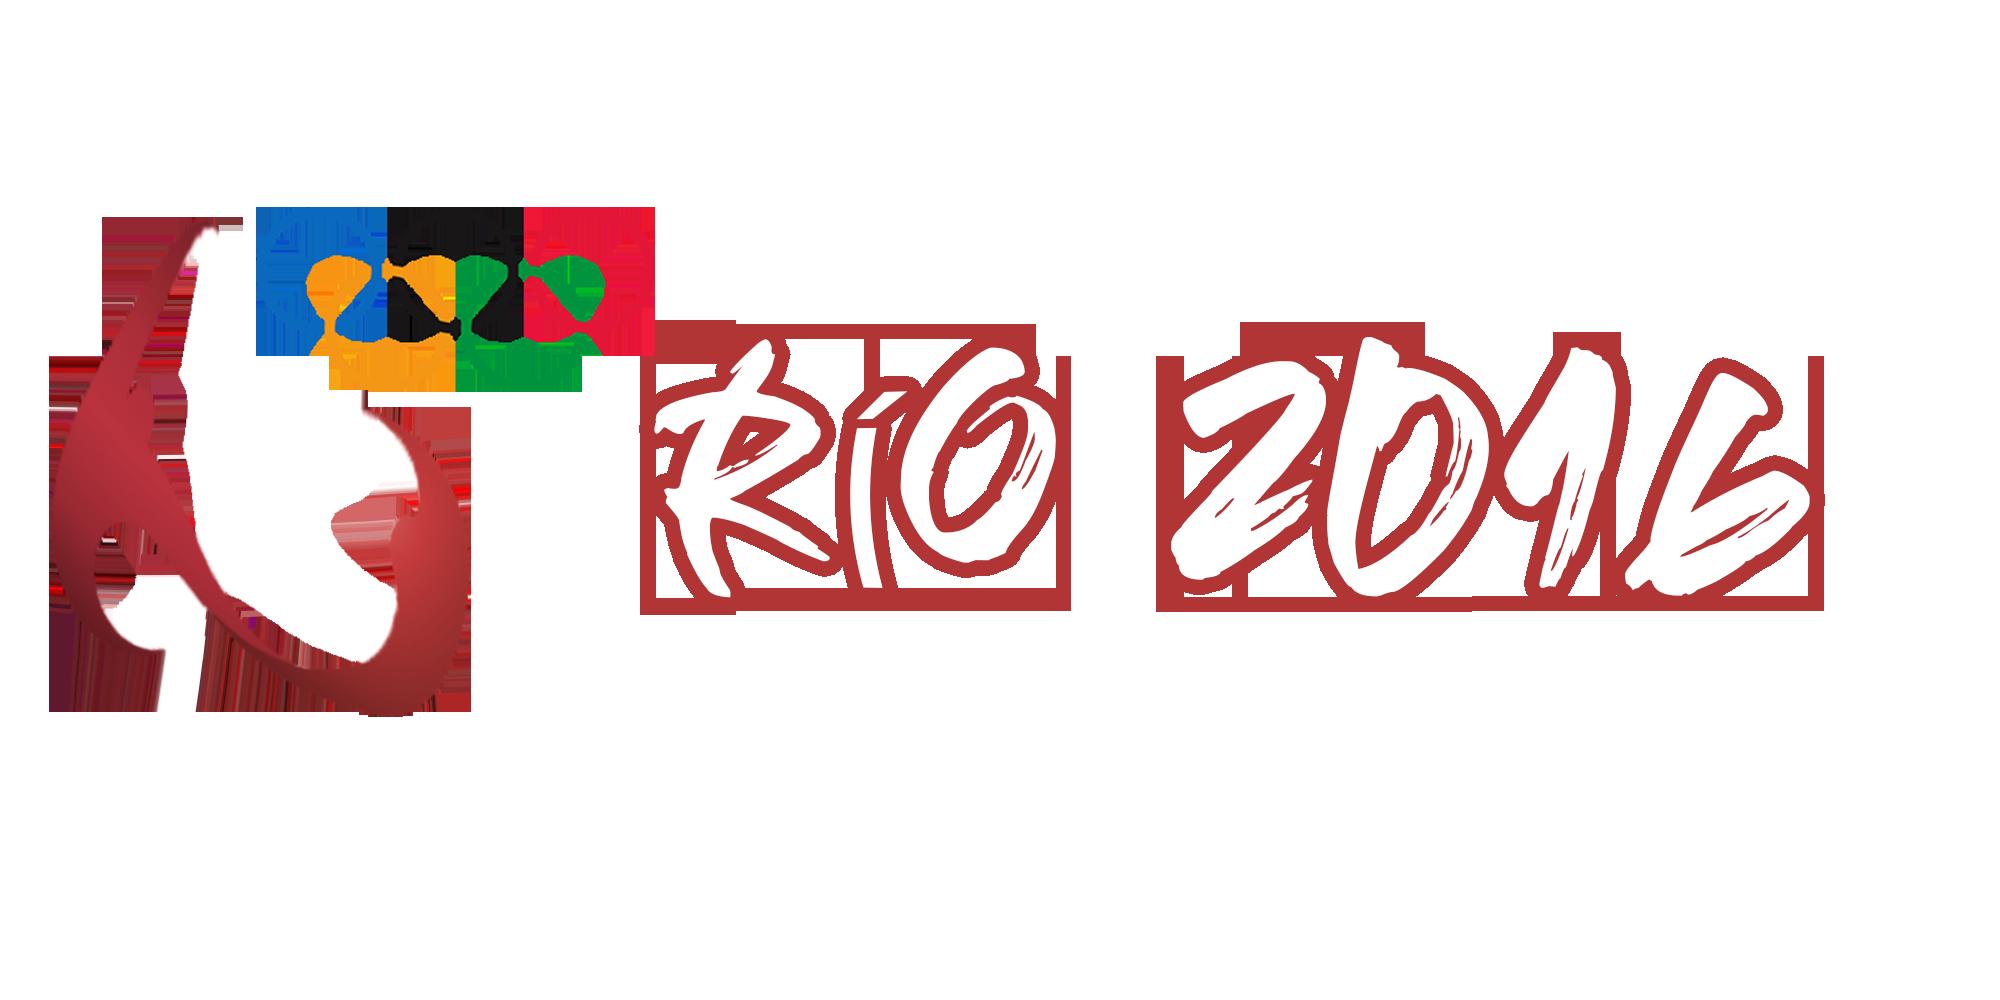 nuevo logo rio 2016 (3)